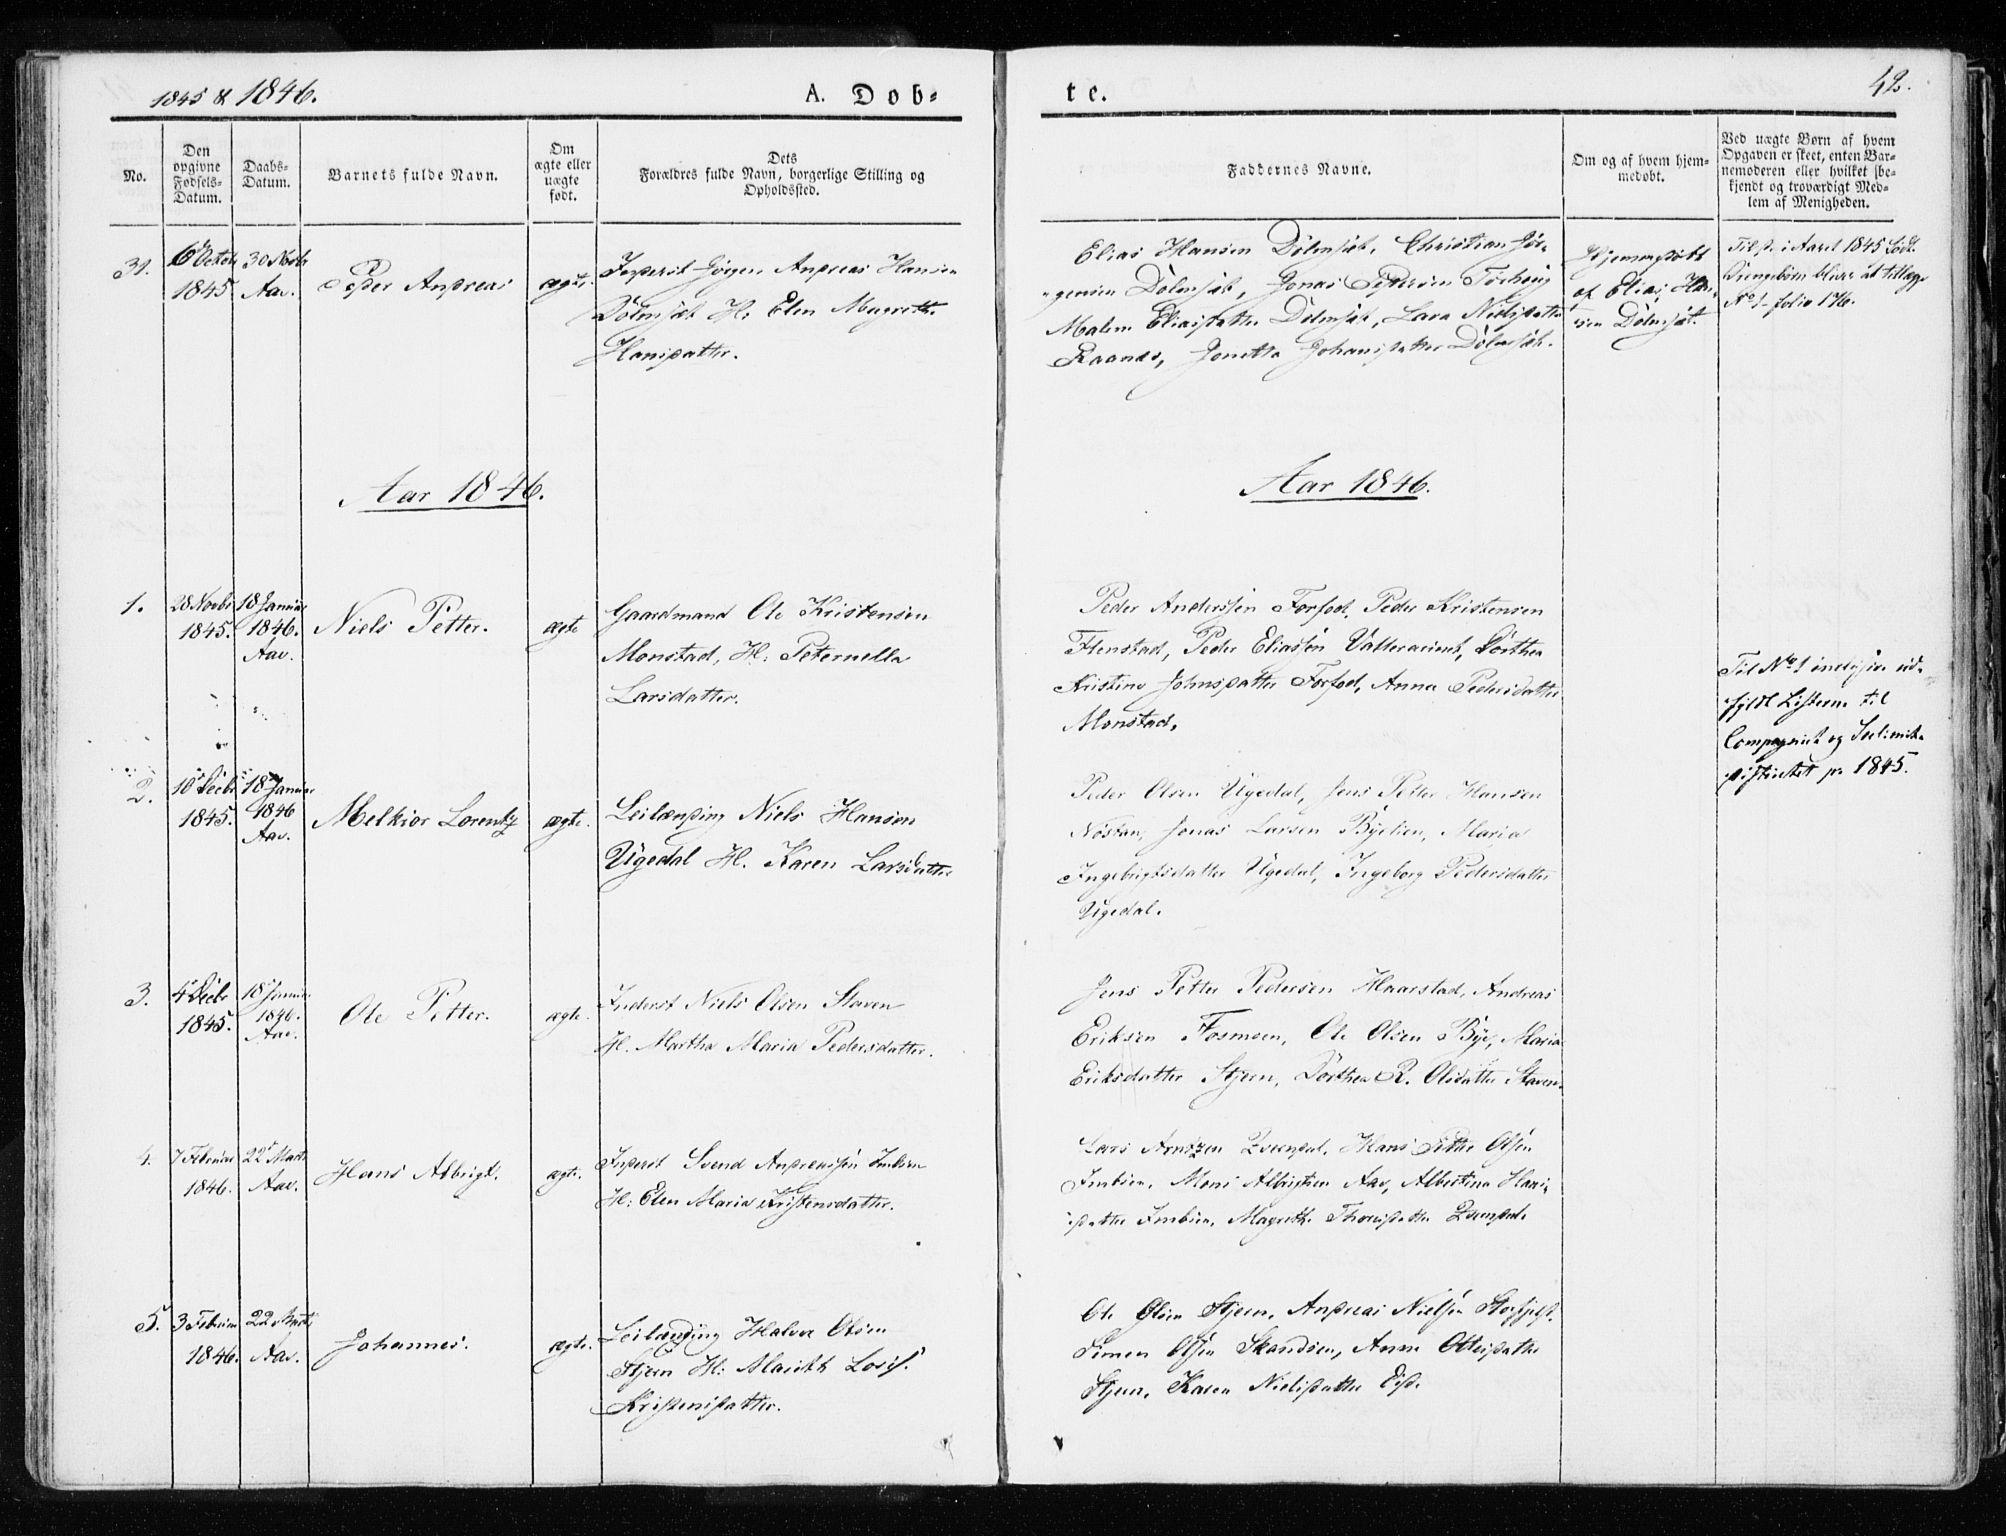 SAT, Ministerialprotokoller, klokkerbøker og fødselsregistre - Sør-Trøndelag, 655/L0676: Ministerialbok nr. 655A05, 1830-1847, s. 42